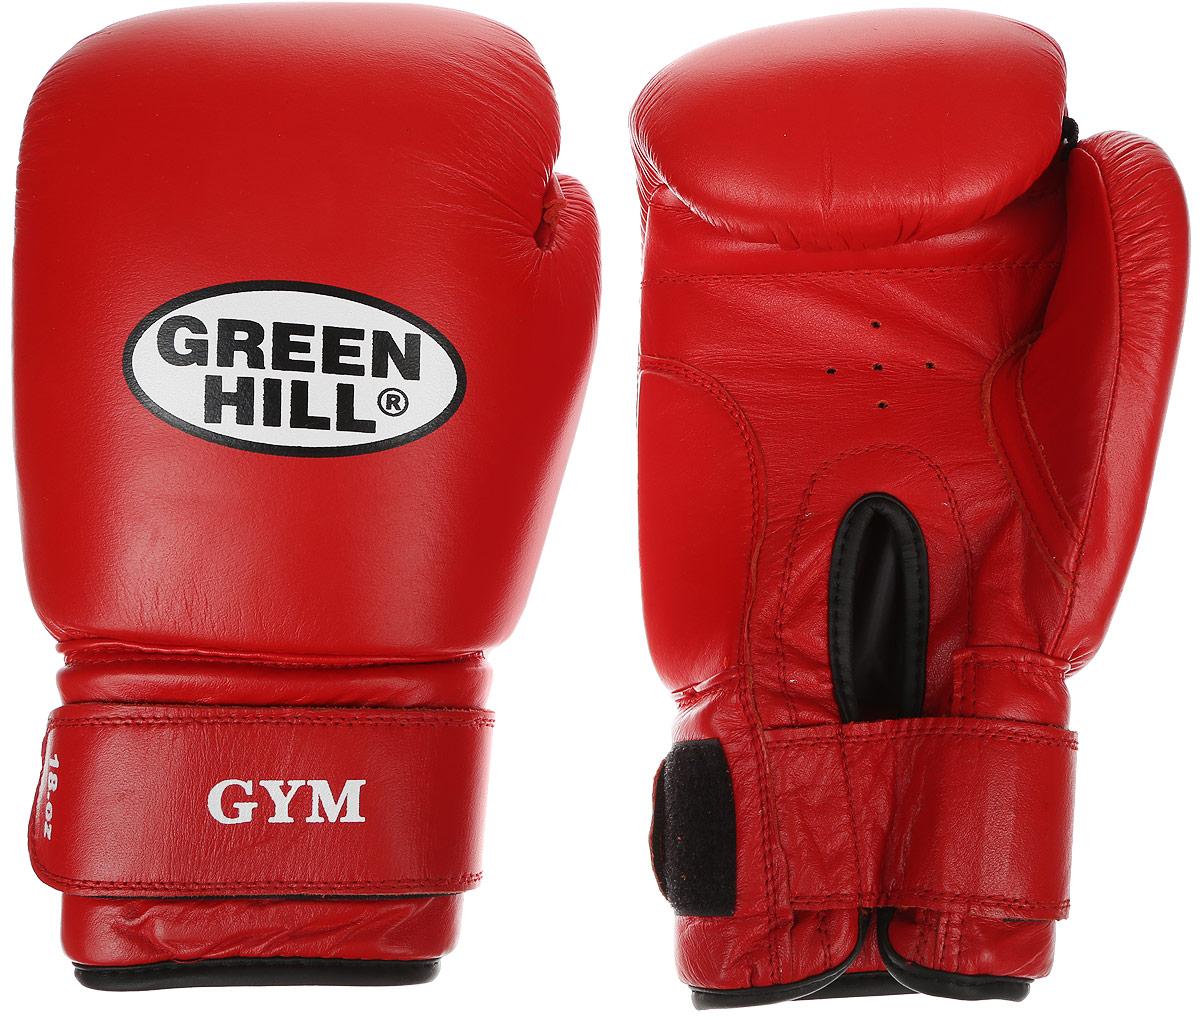 Перчатки боксерские Green Hill Gym, цвет: красный, белый. Вес 18 унцийBGG-2018Боксерские перчатки Green Hill Gym подходят для всех видов единоборств где применяют перчатки. Подойдет как для бокса, так и для кикбоксинга. Новички и профессионалы высоко ценят эту модель за универсальность. Верхняя часть перчатки выполнена из натуральной кожи, наполнитель - пенополиуретан. Перфорированная поверхность в области ладони позволяет создать максимально комфортный терморежим во время занятий. Закрепляется на руке при помощи липучки.